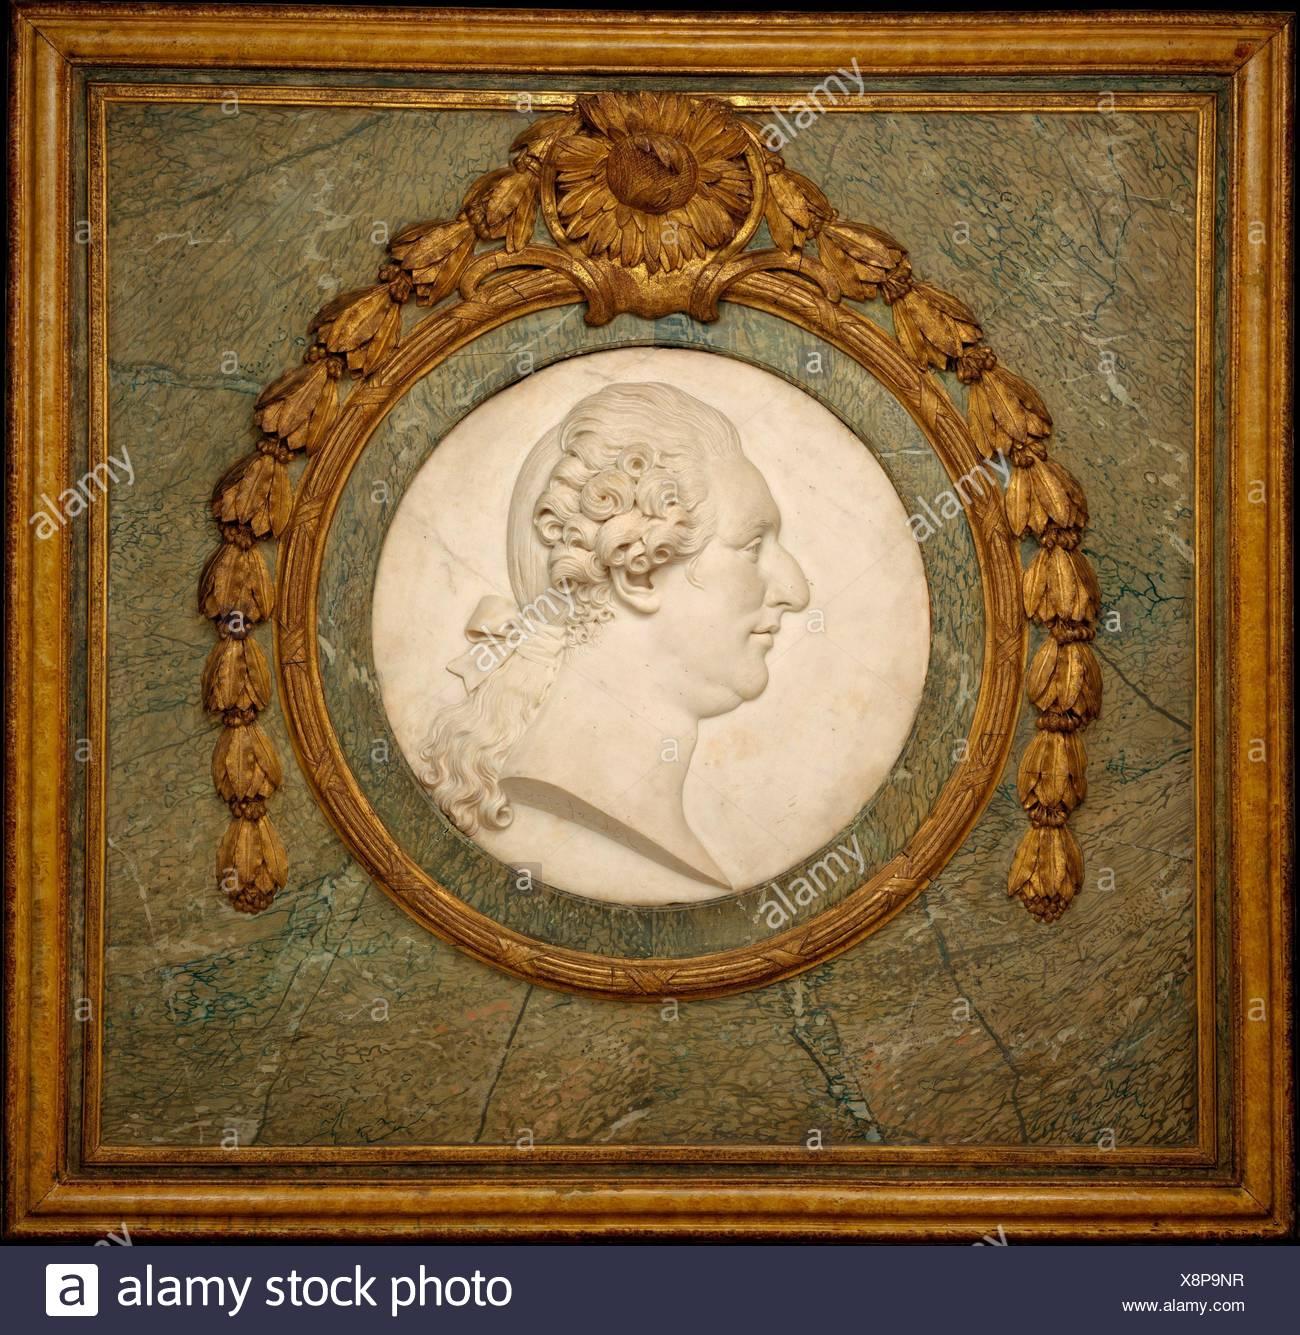 Louis XVI. Artist: Philippe Laurent Roland (French, Pont-à-Marc 1746-1816 Paris); Date: 1787; Culture: French, Paris; Medium: Marble medallion, gilt - Stock Image